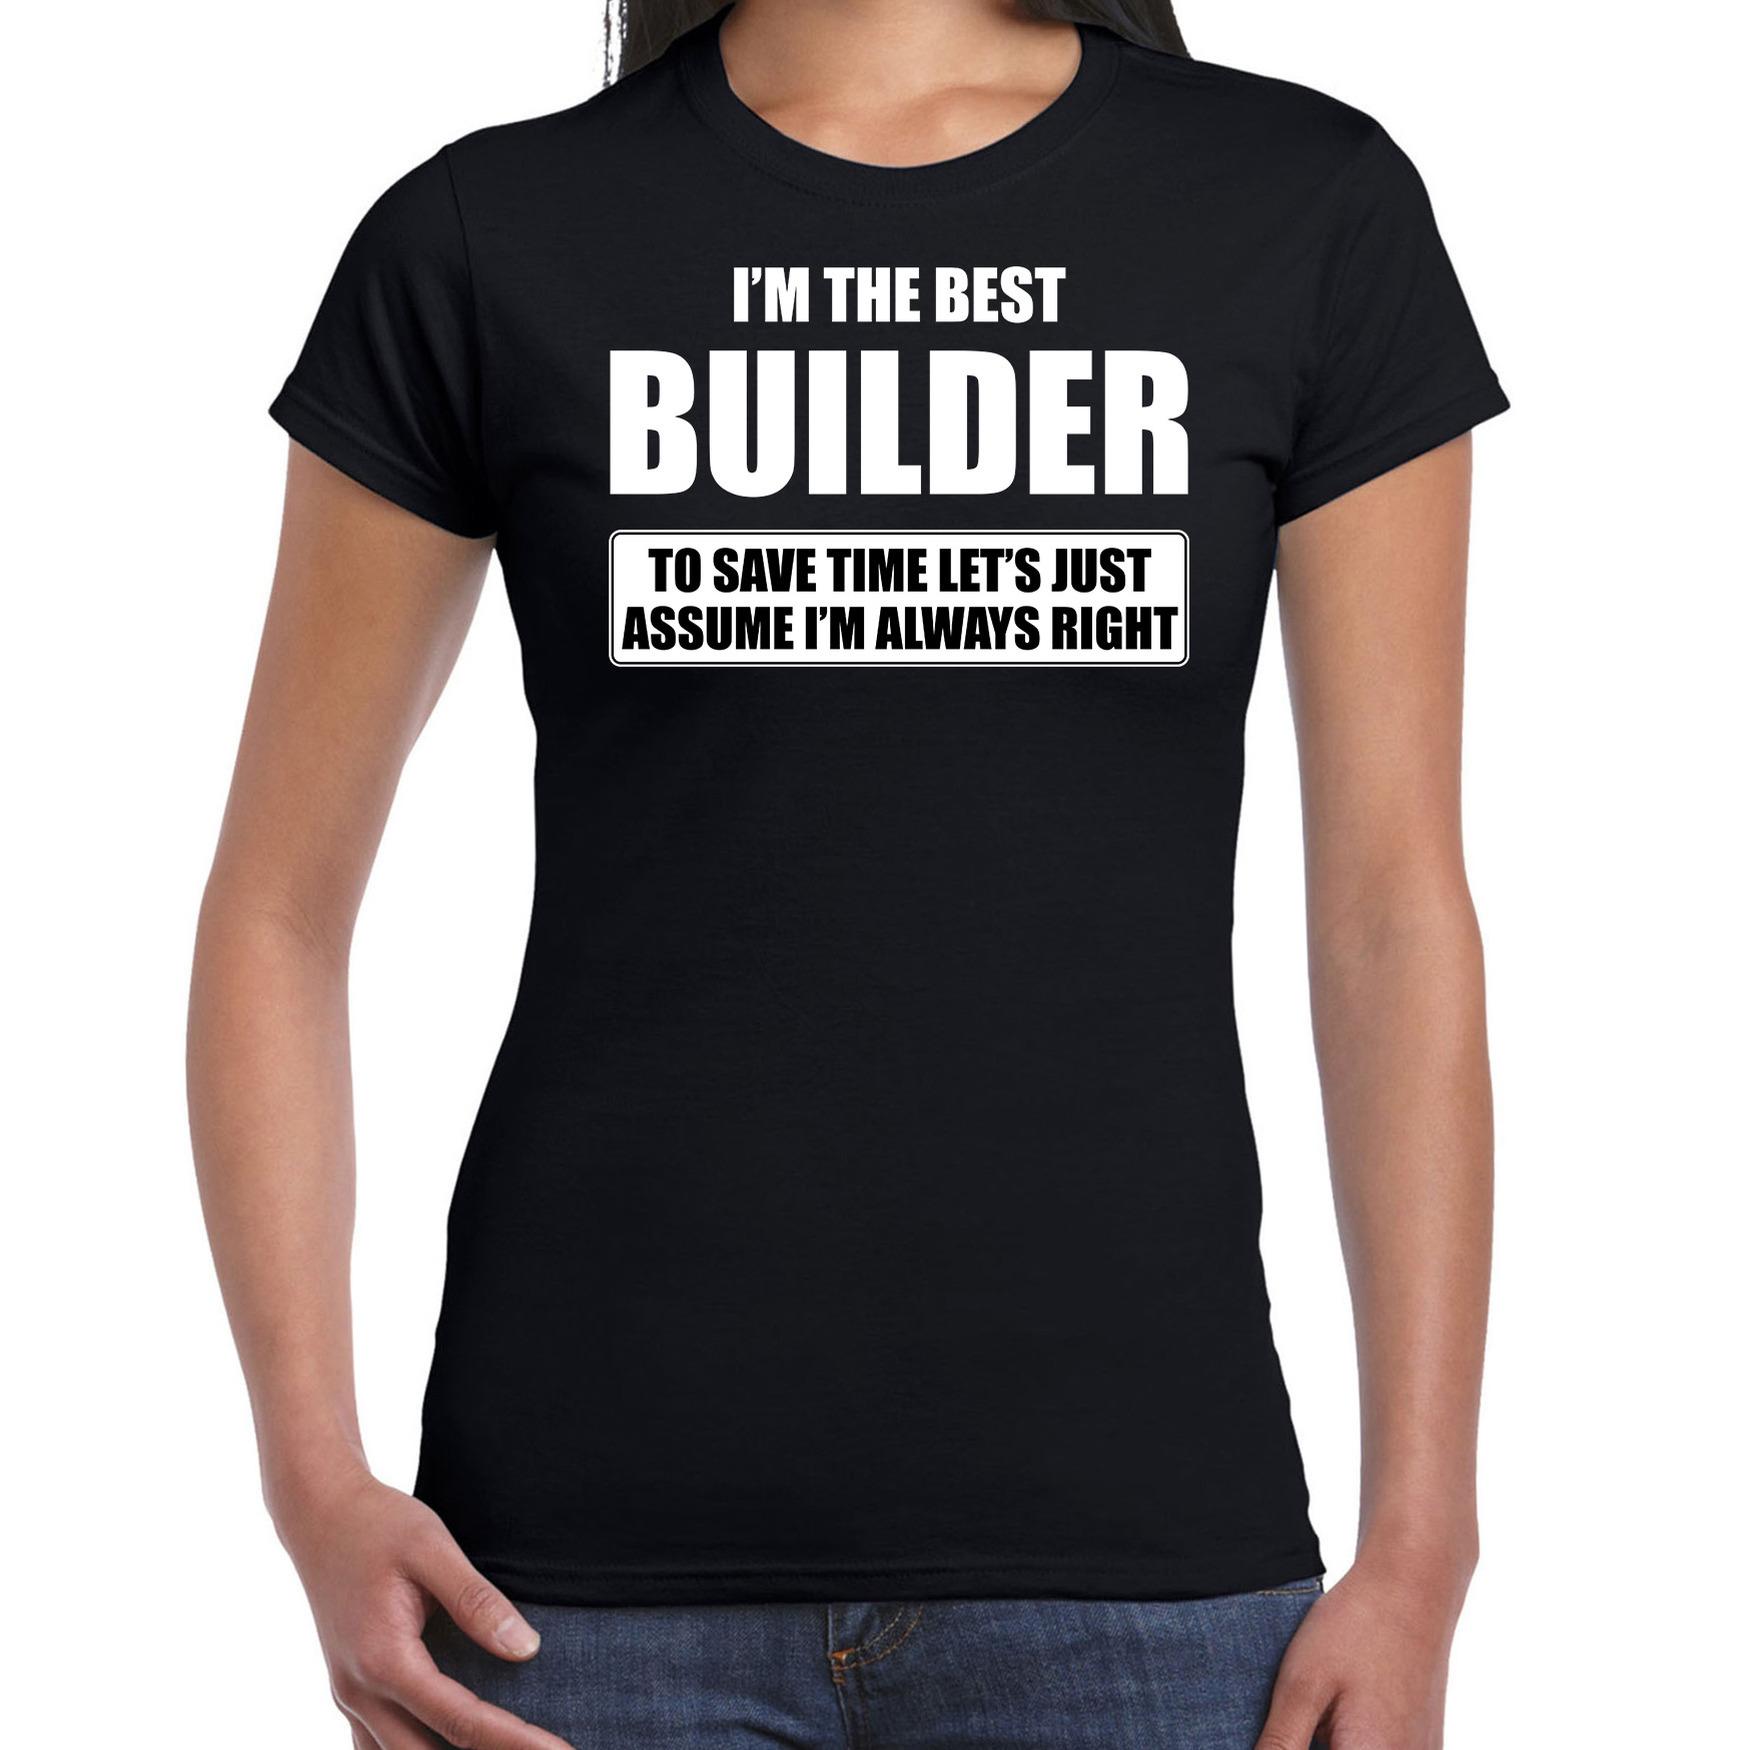 I'm the best builder t-shirt zwart dames De beste bouwvakker cadeau